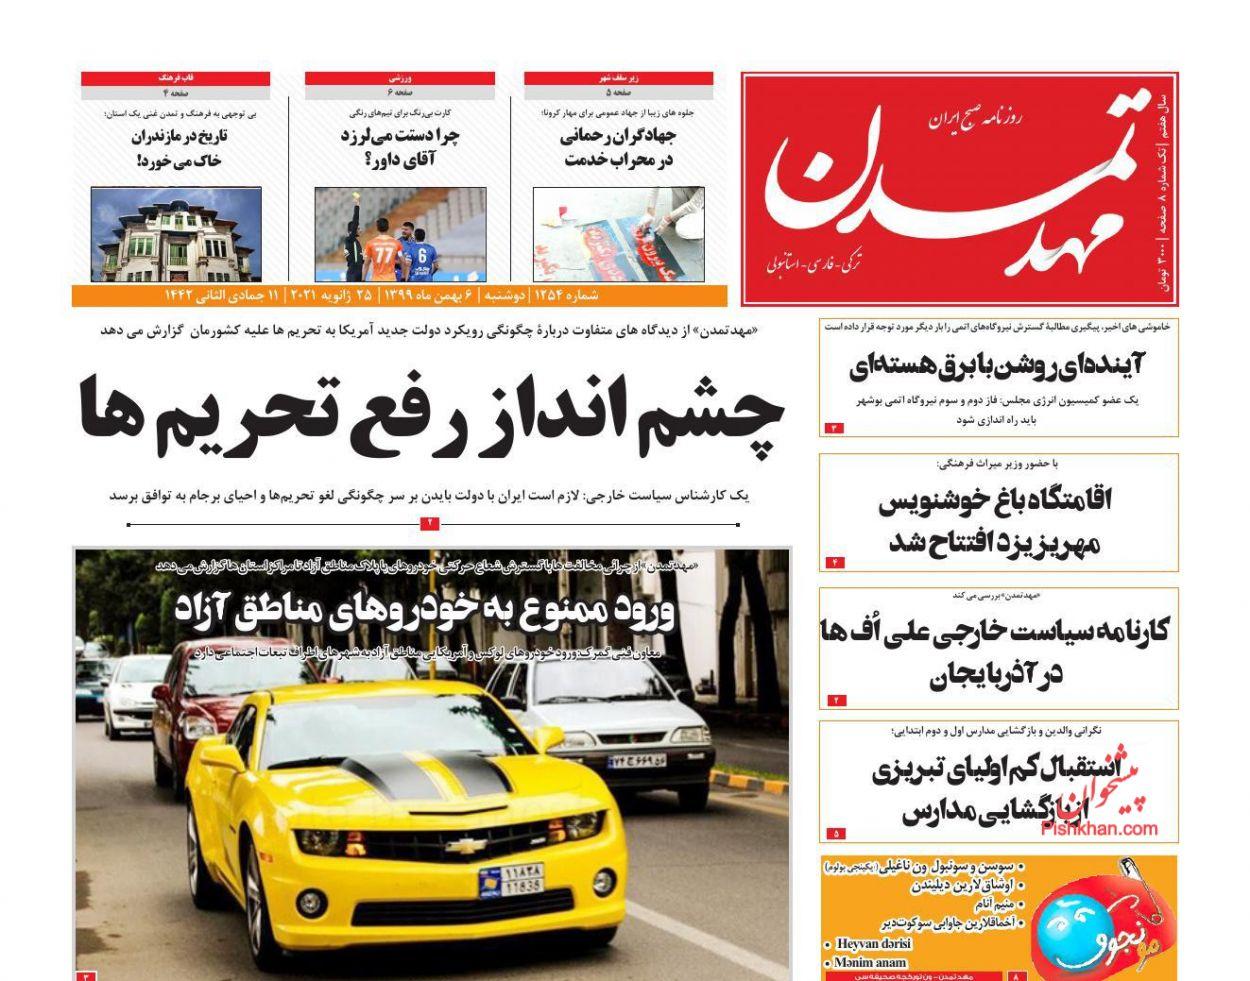 عناوین اخبار روزنامه مهد تمدن در روز دوشنبه ۶ بهمن